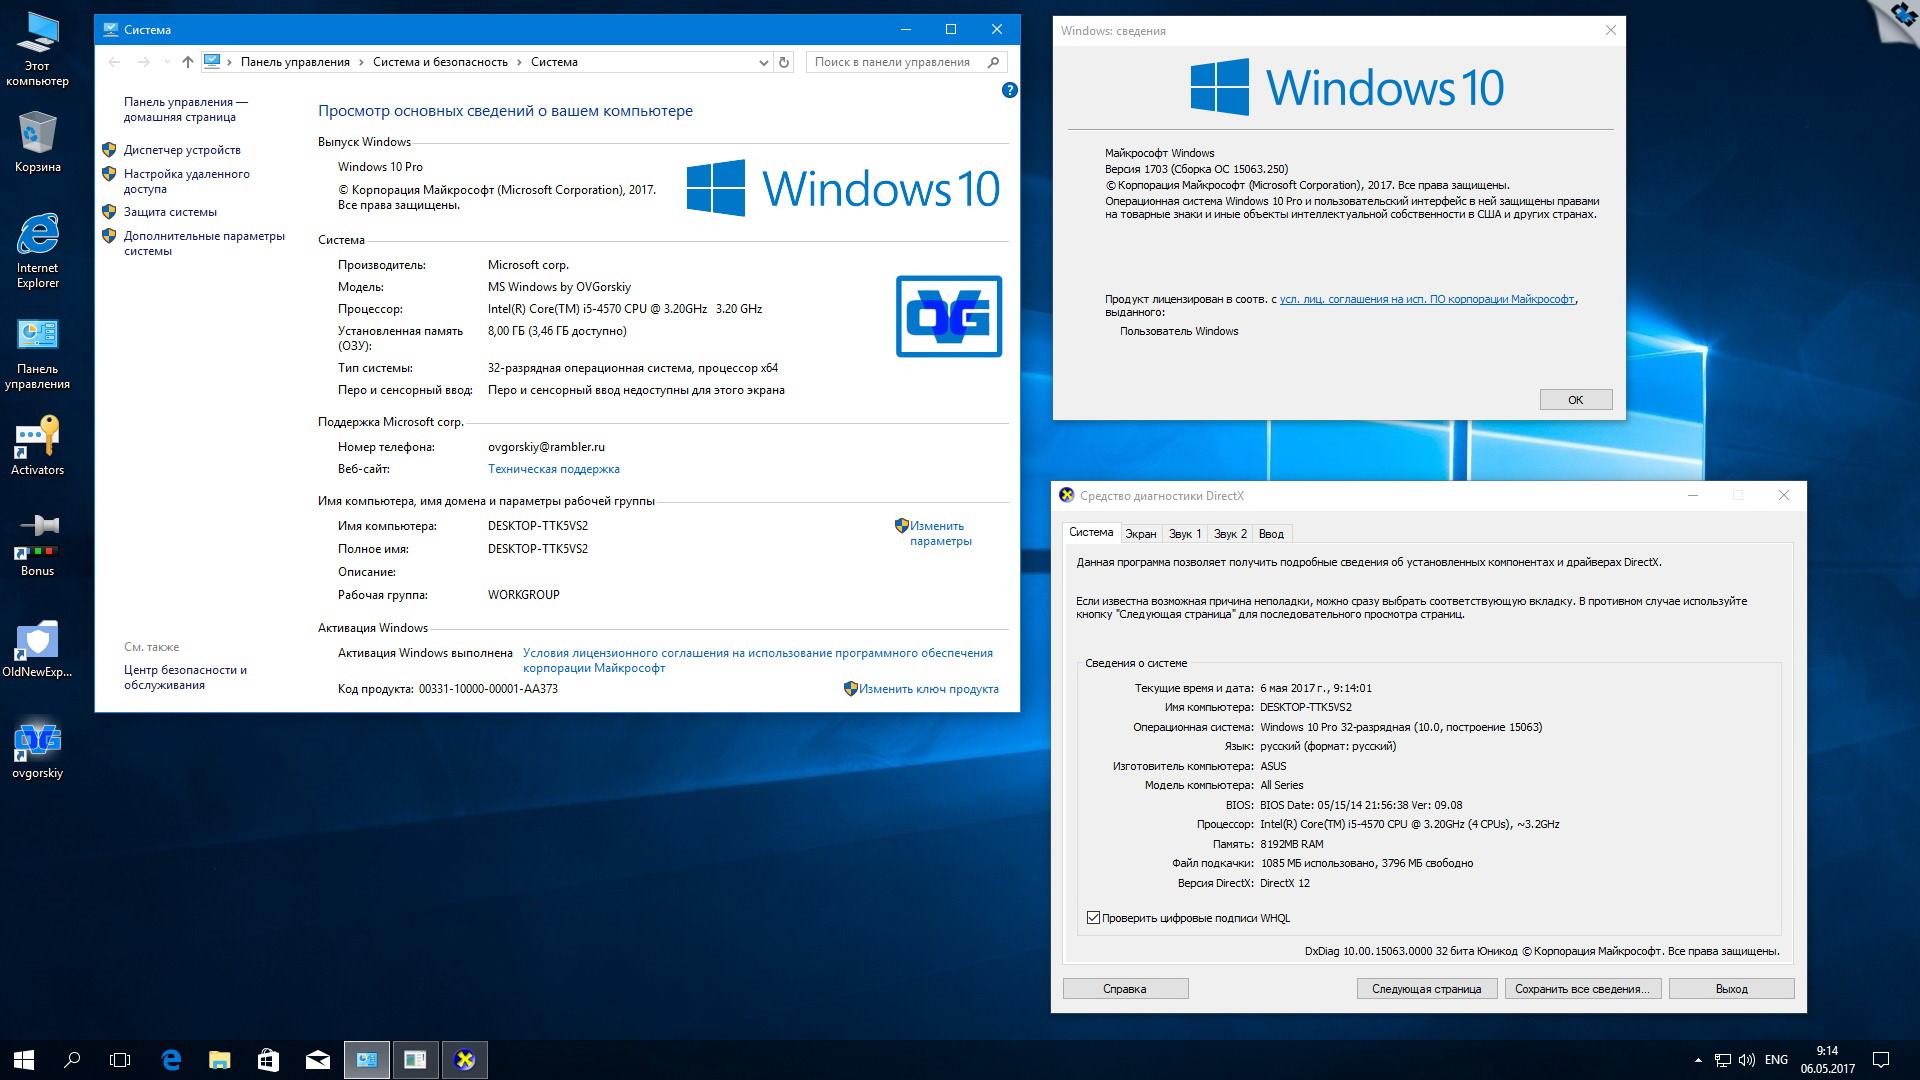 Microsoft Windows 10 Professional vl x86/x64 1607 RU by OVGorskiy 05.2017 2DVD (2017) Русский